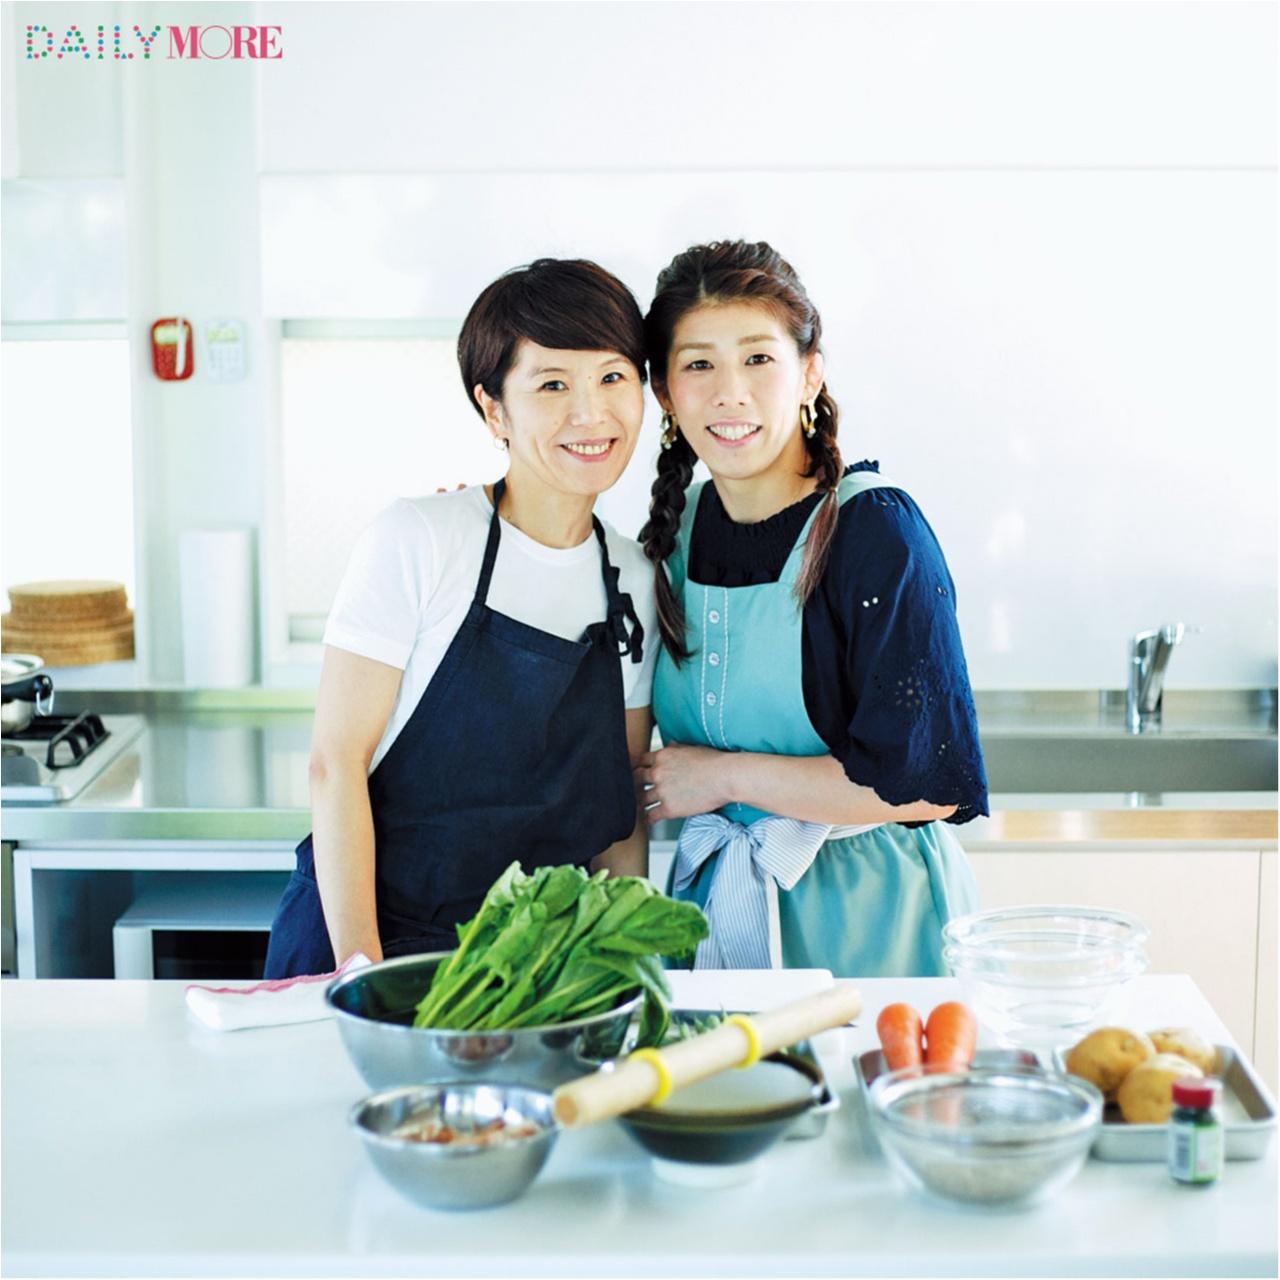 【動画もチェック!】 「彩り副菜おかず」、吉田さんは上手につくれたの?【#モアチャレ 吉田沙保里さんの「お弁当女子」チャレンジ】_1